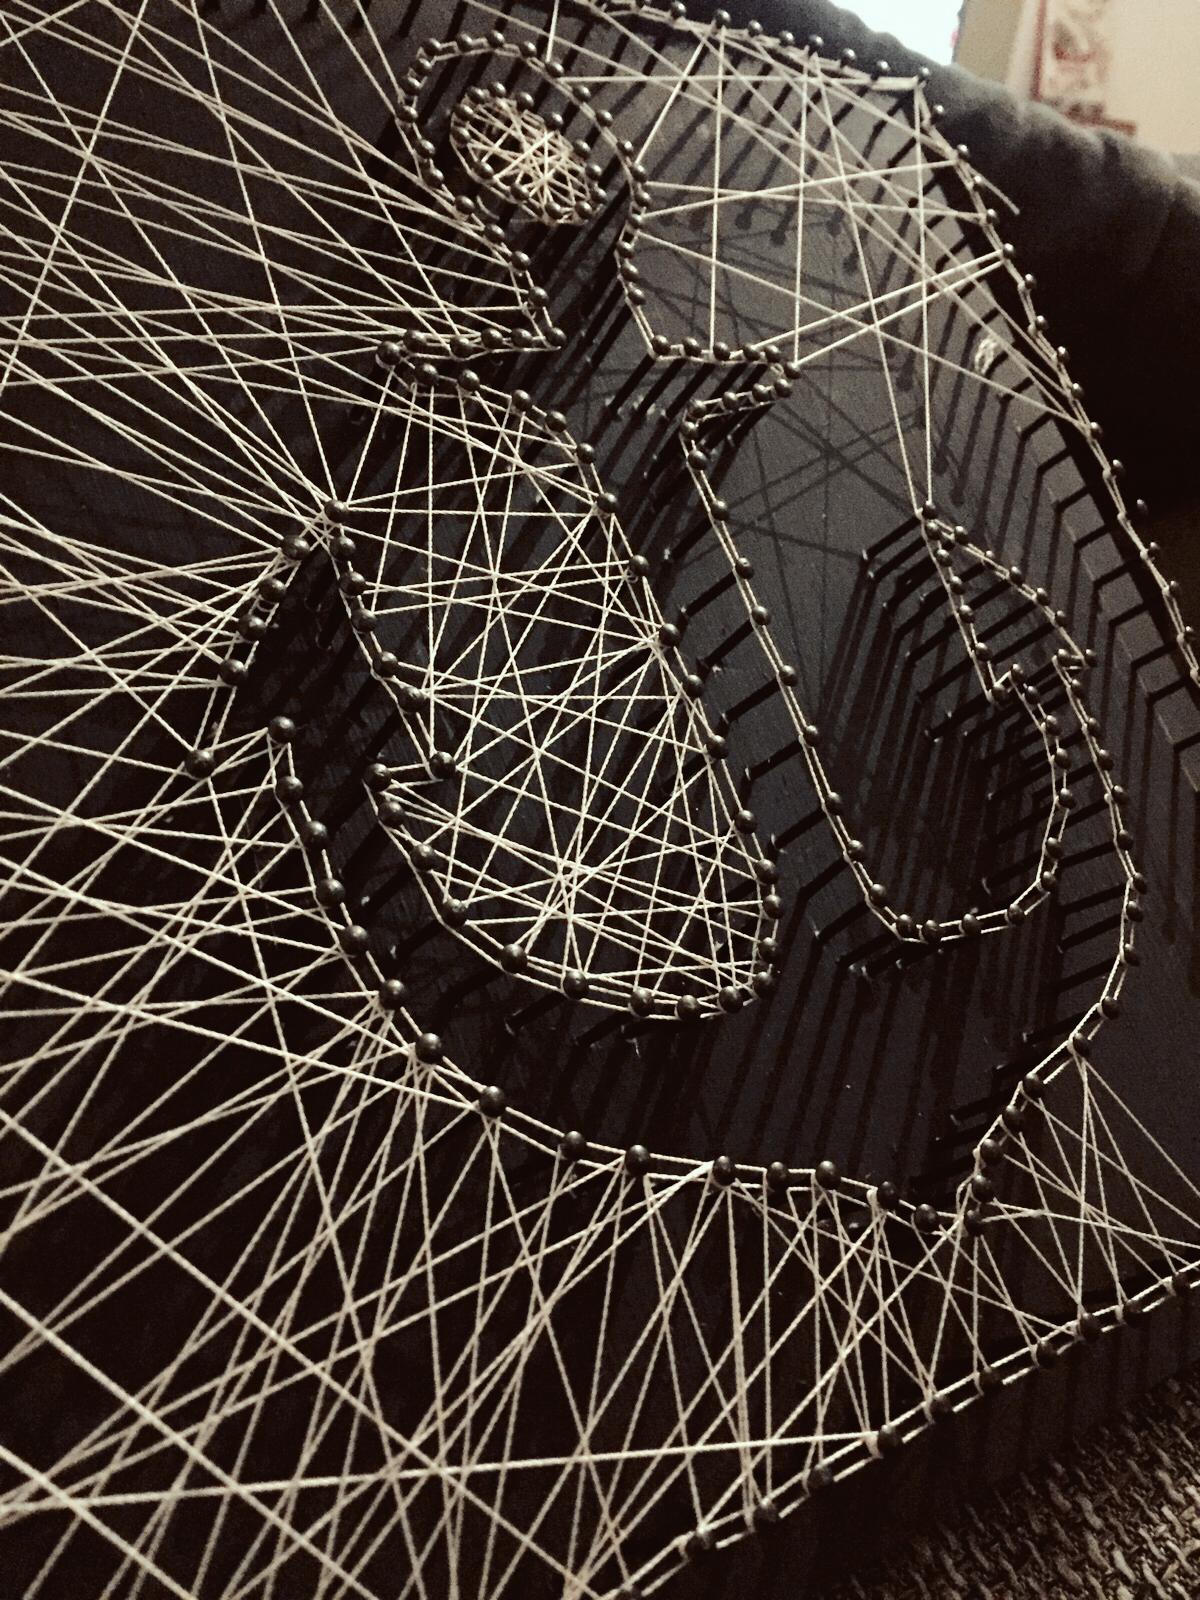 Anker – Fadenbild | Fadenbilder, Anker und Maritim